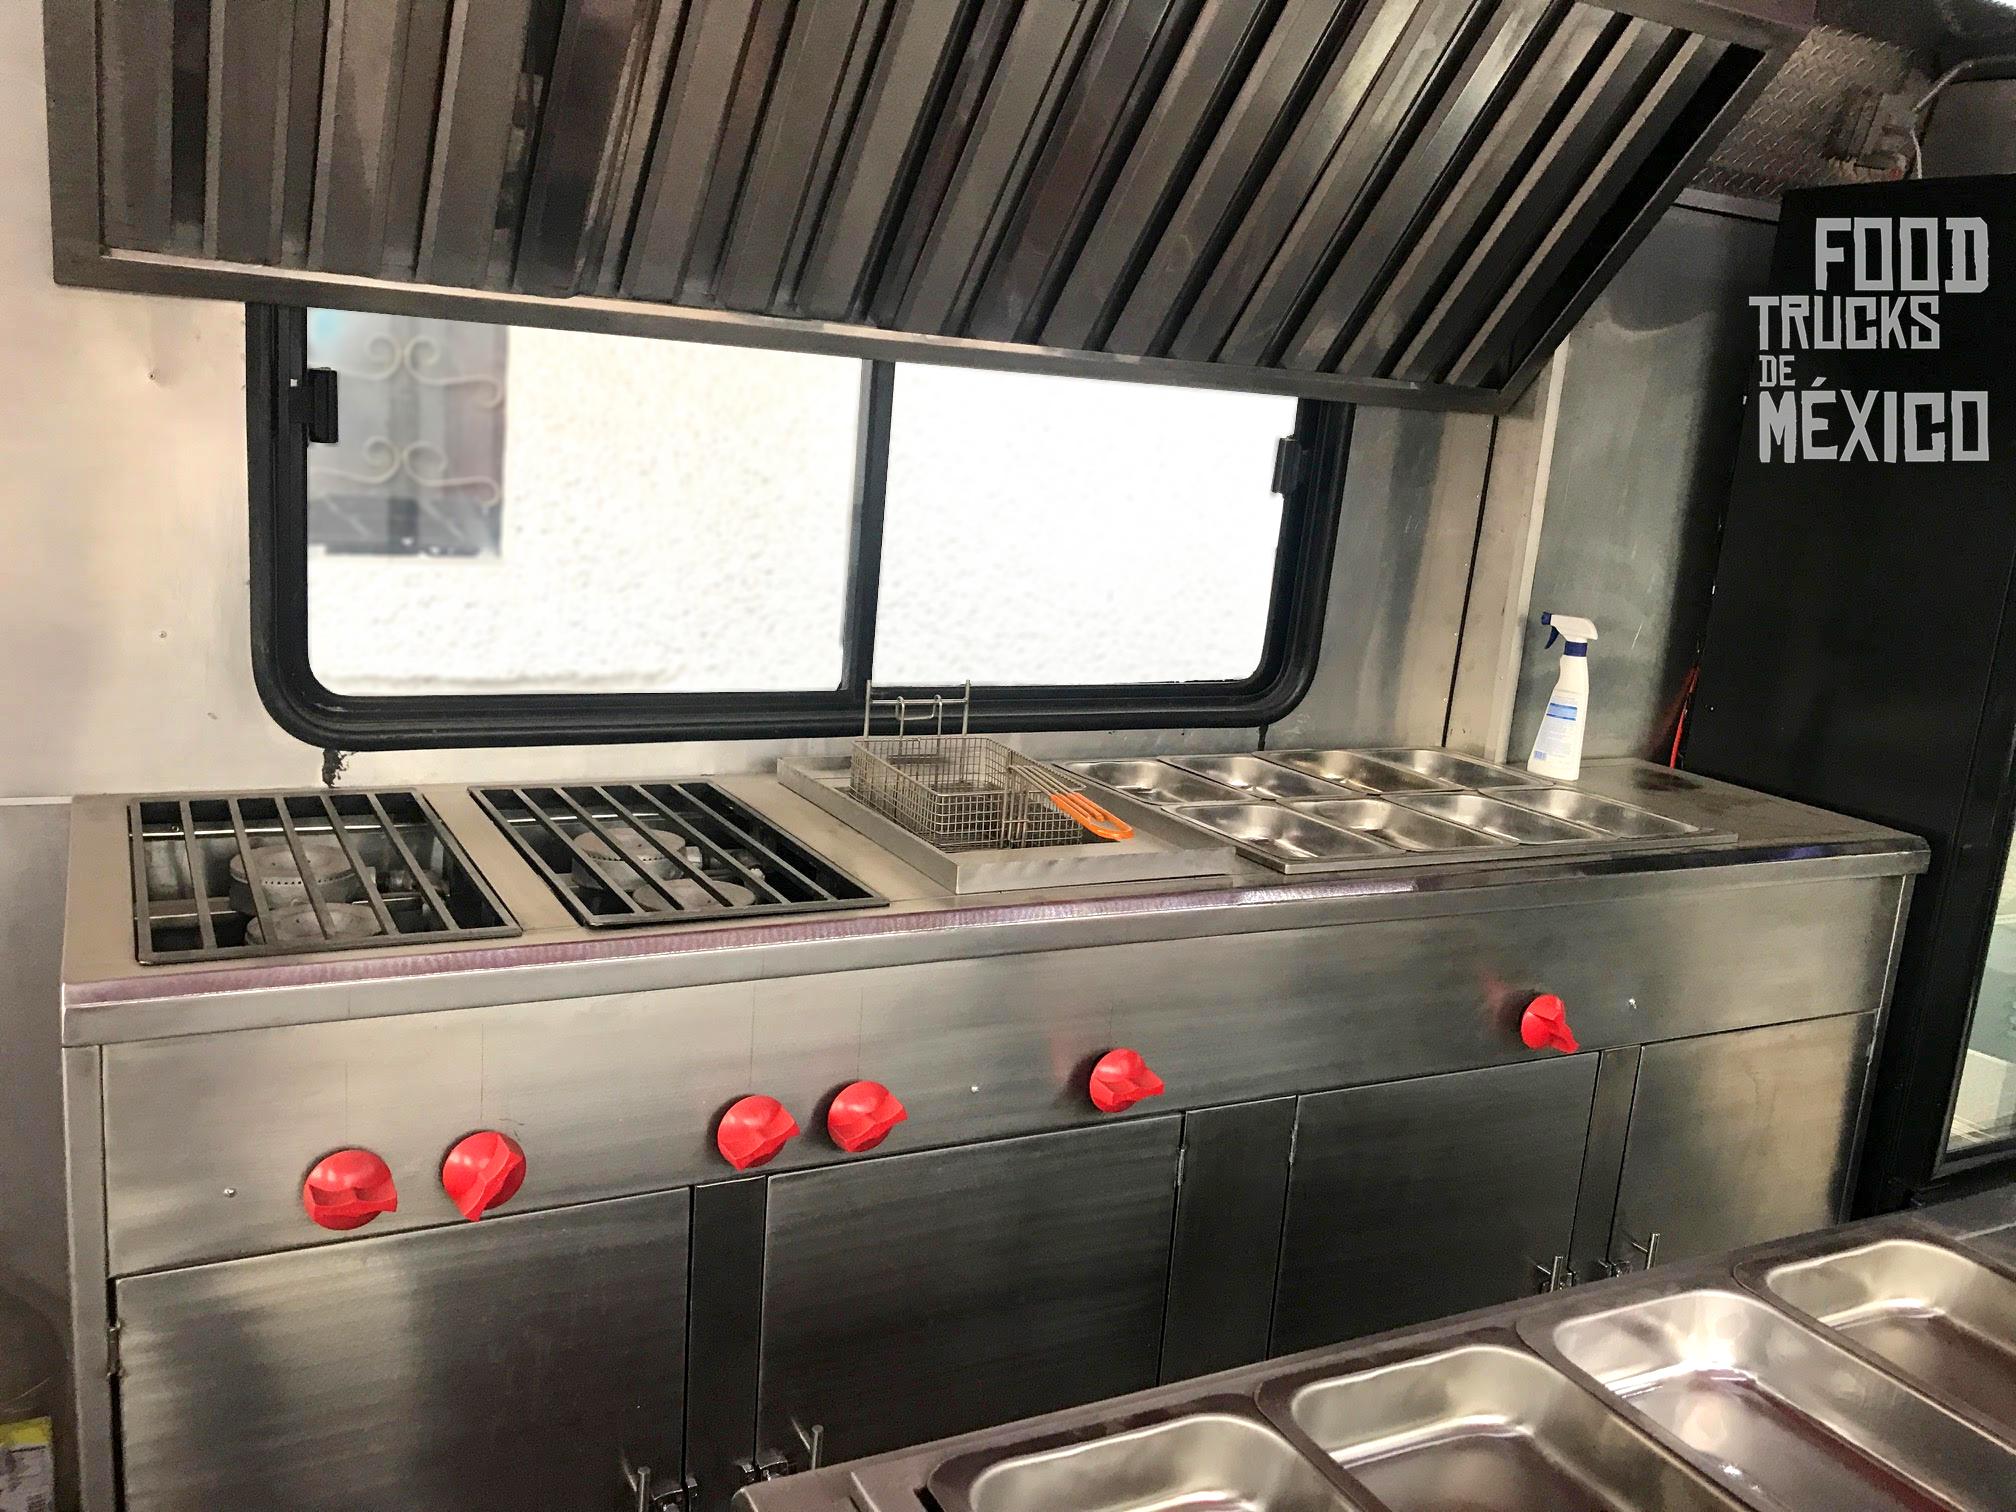 Venta y Renta Food Trucks de México